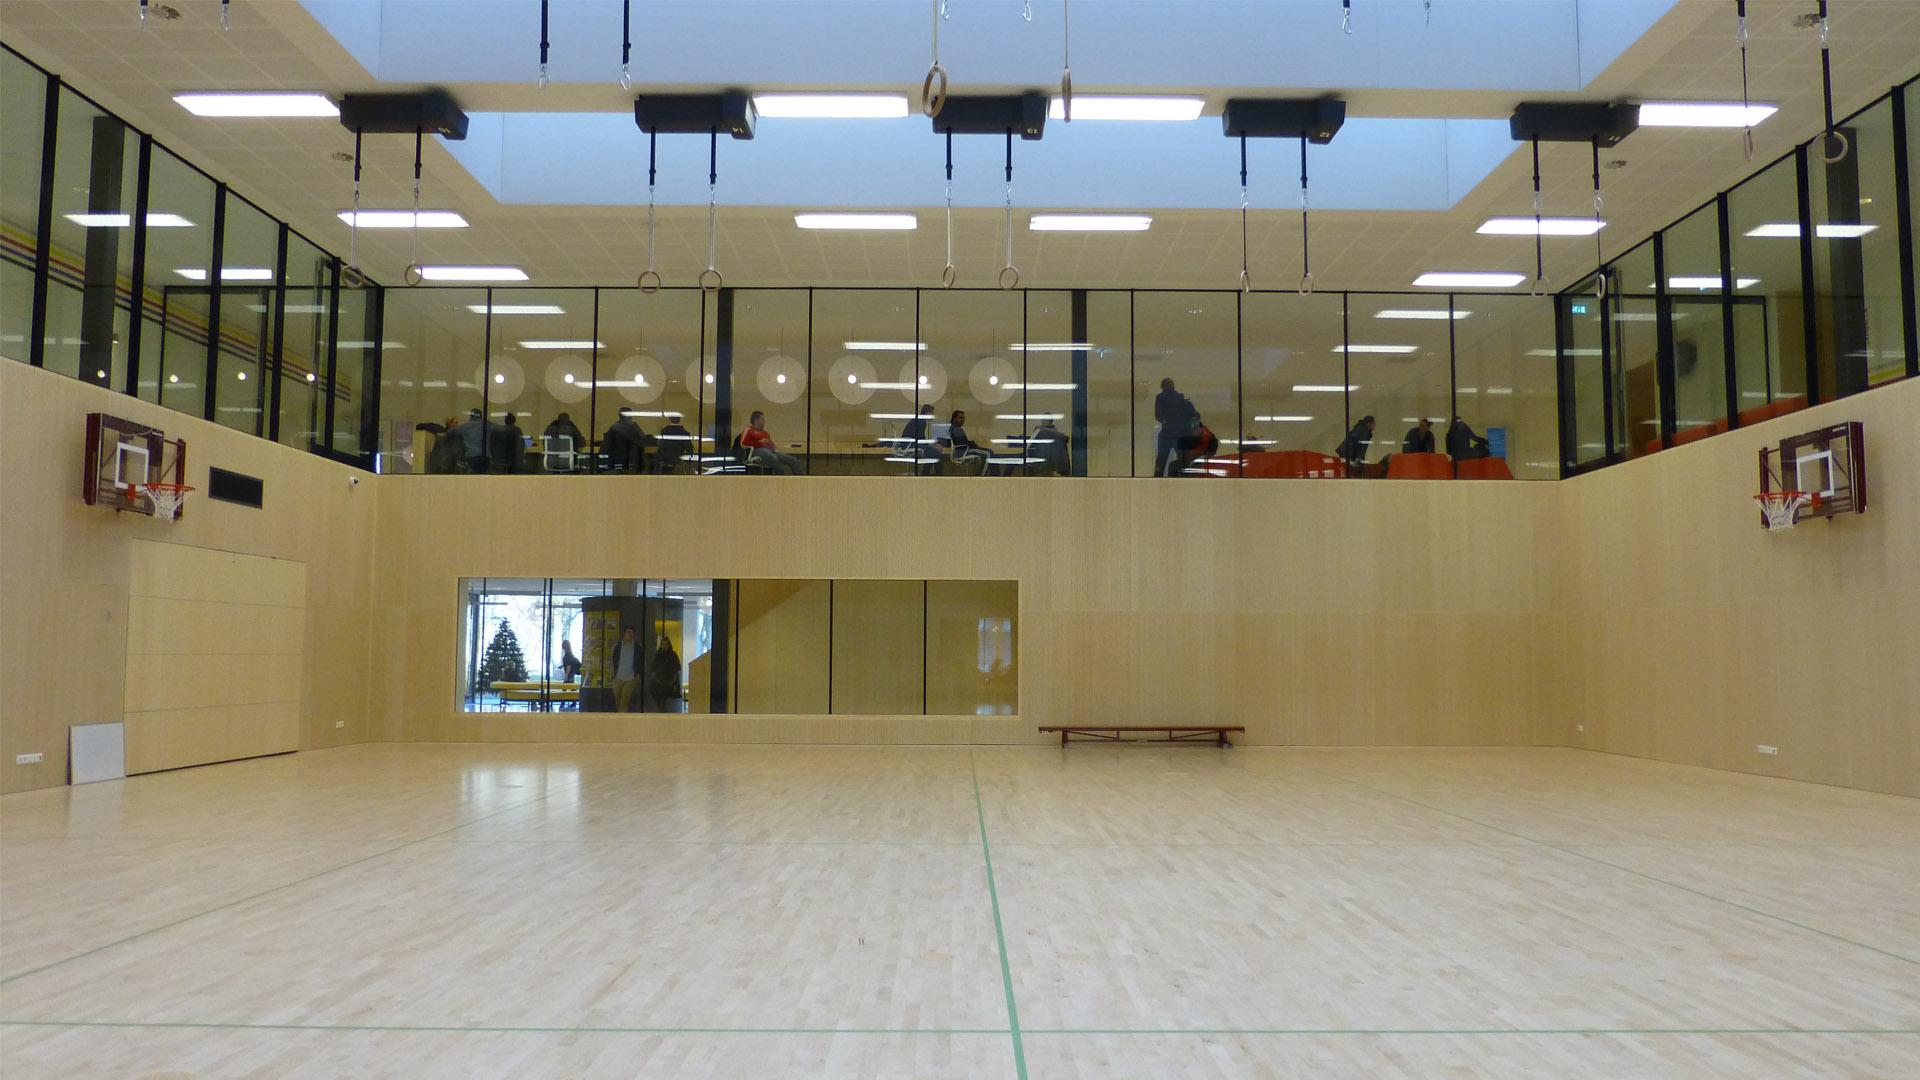 Steel glazed indoor walls in the Fontys sport high school, eindhoven, the netherlands